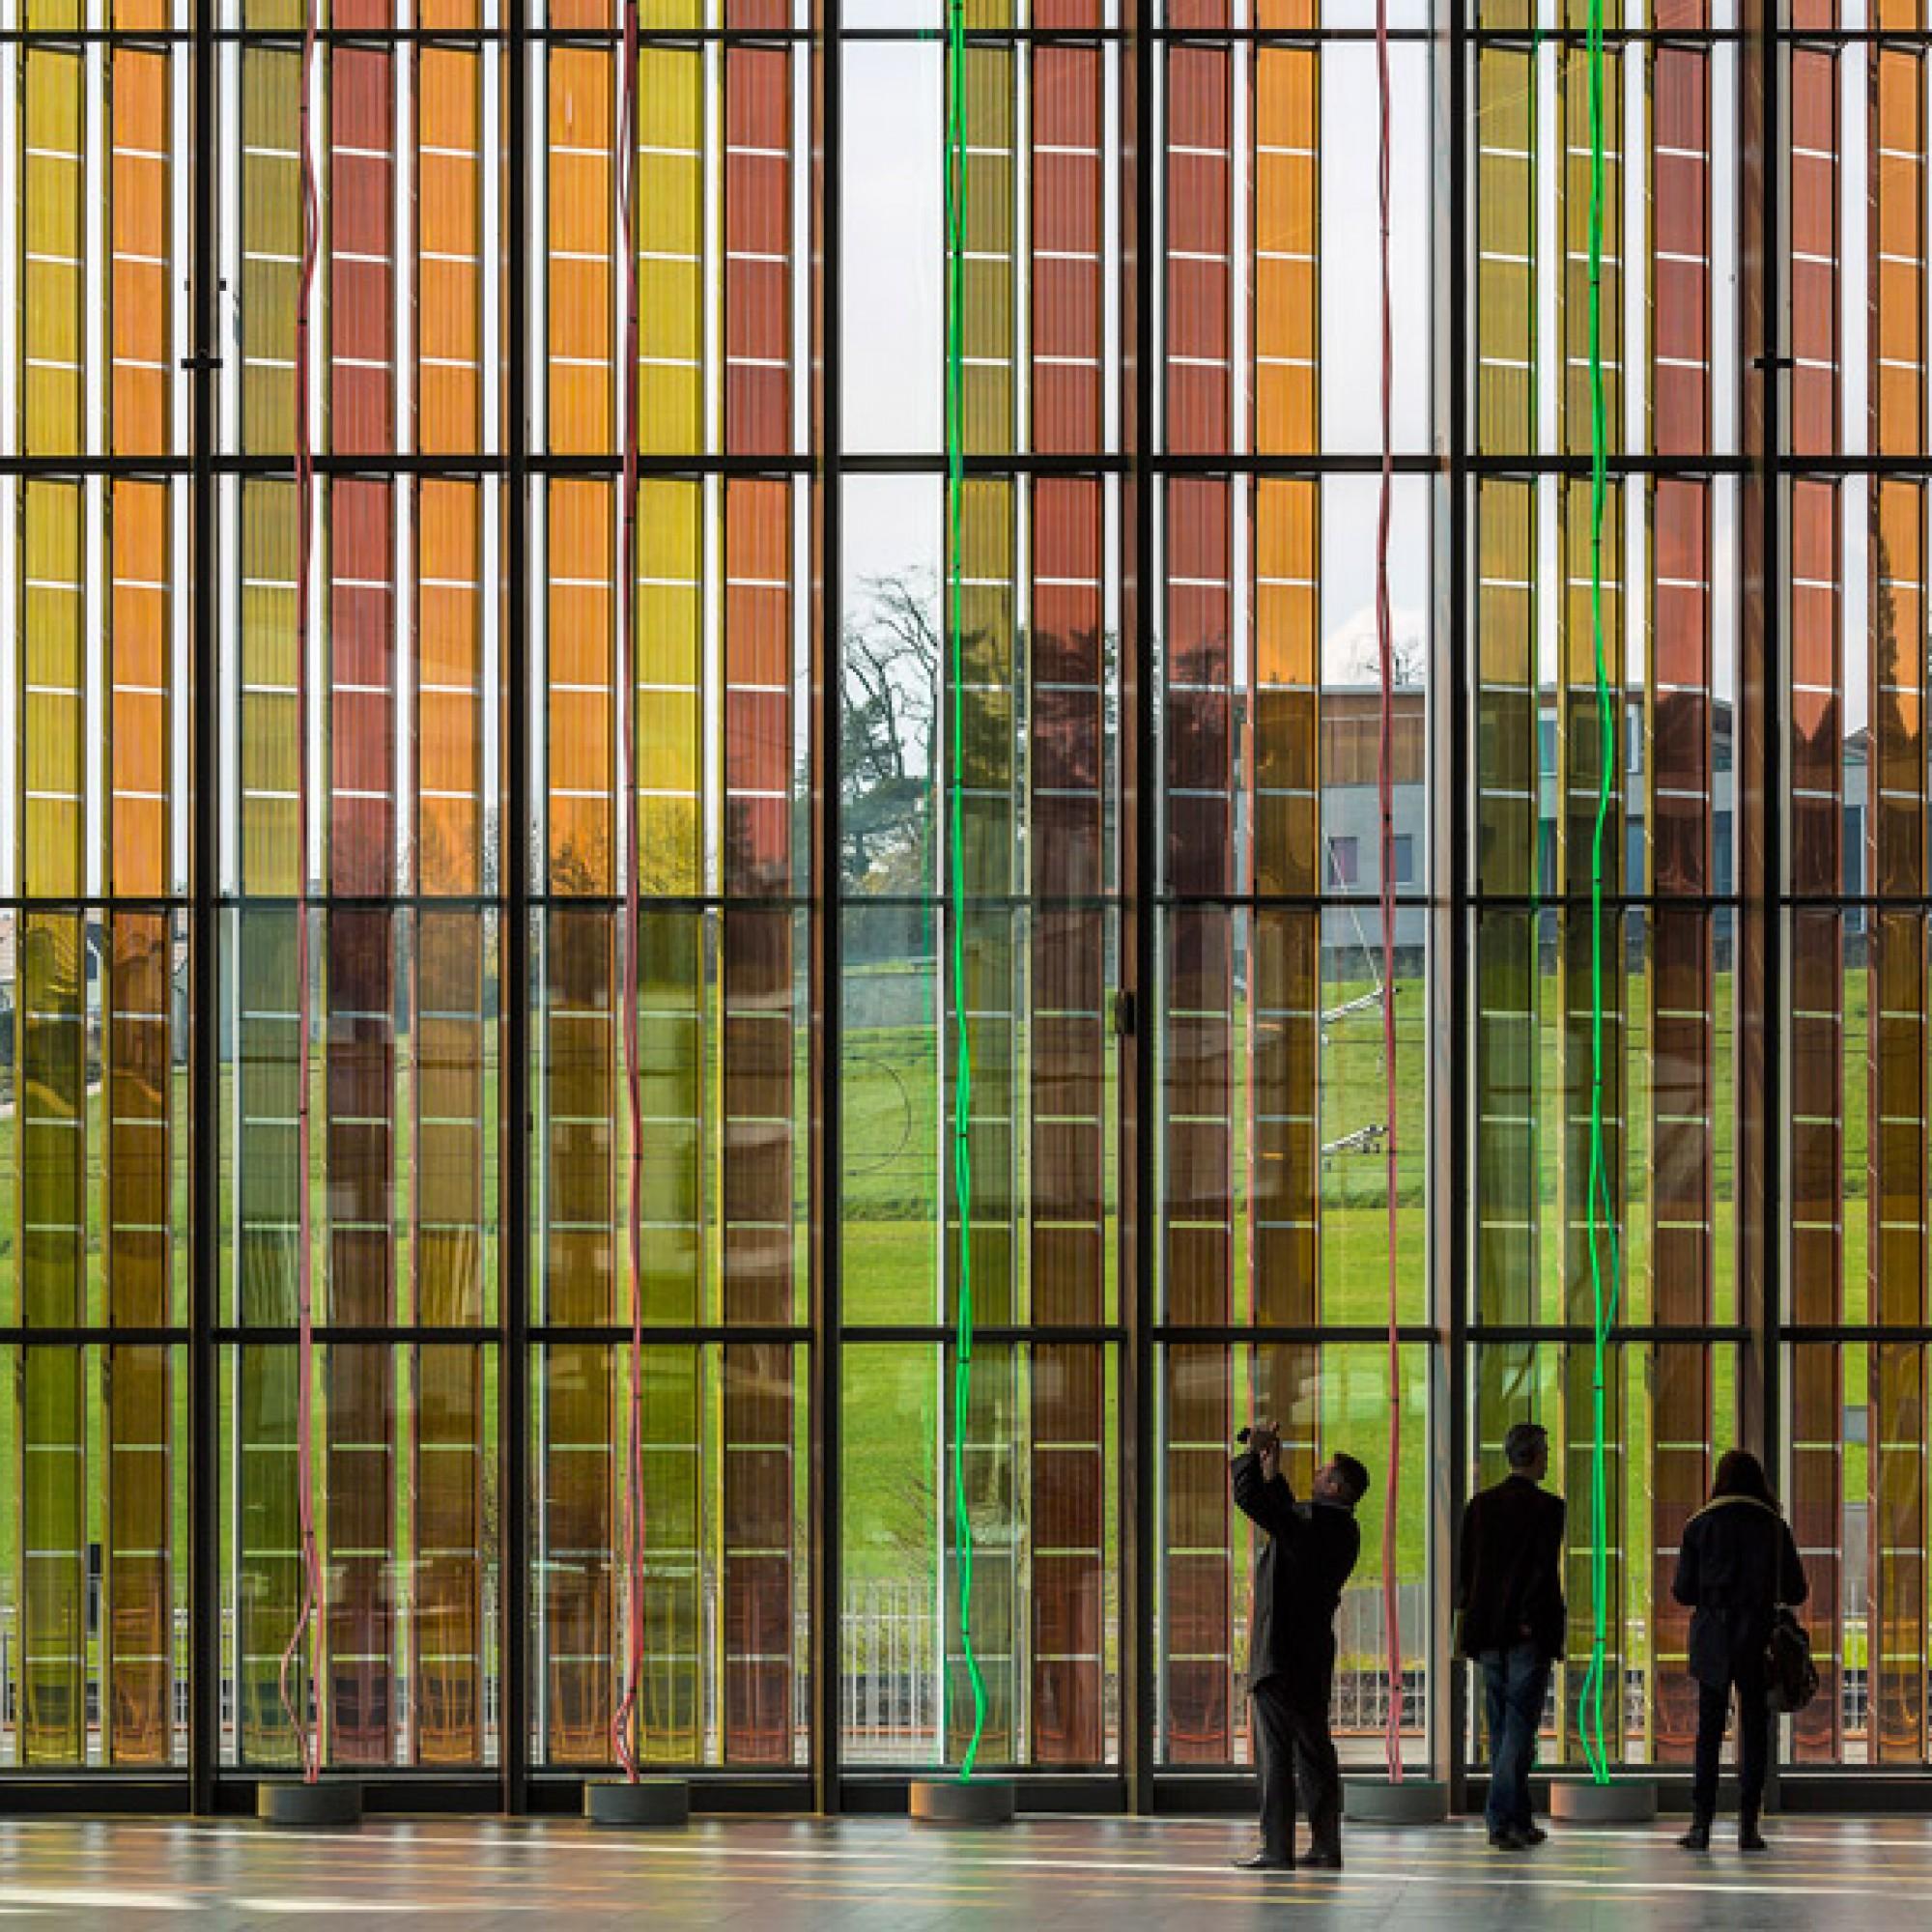 Die Anordung der bunten Grätzel-Zellen sind ein Werk der Lausanner Künstlerin Catherine Bolle.  (EPFL)